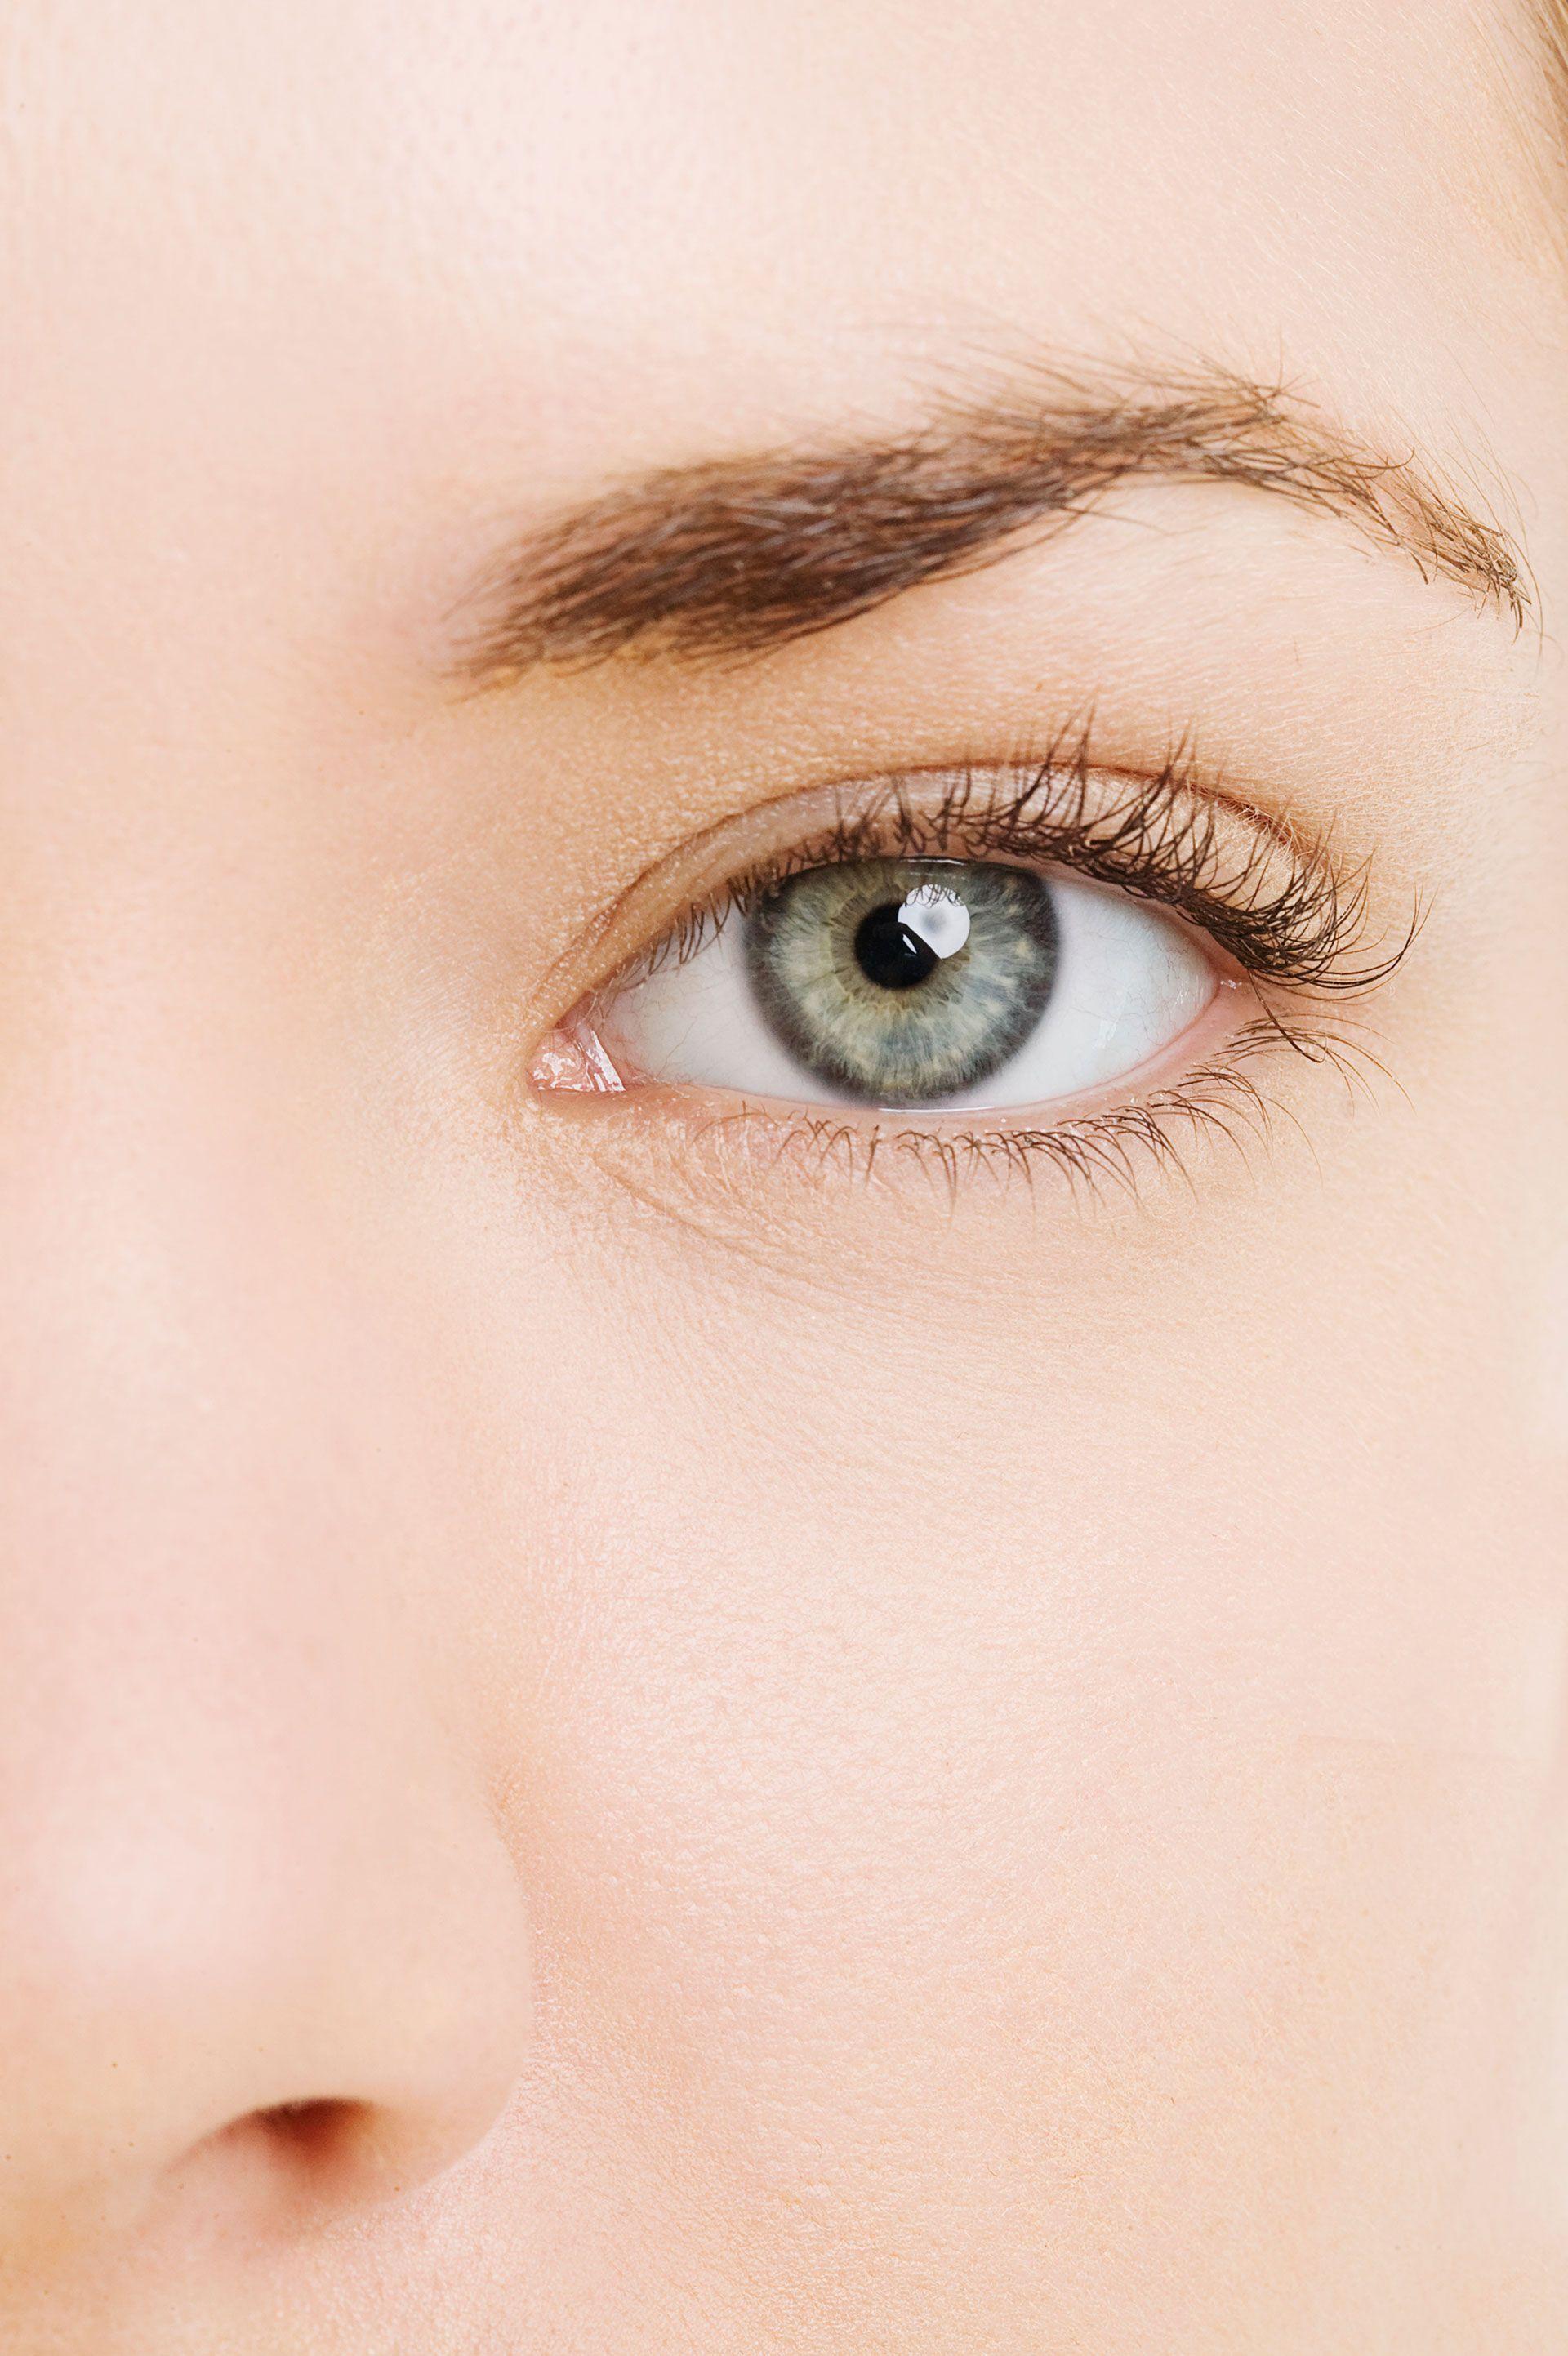 Neocutis eye cream reviews